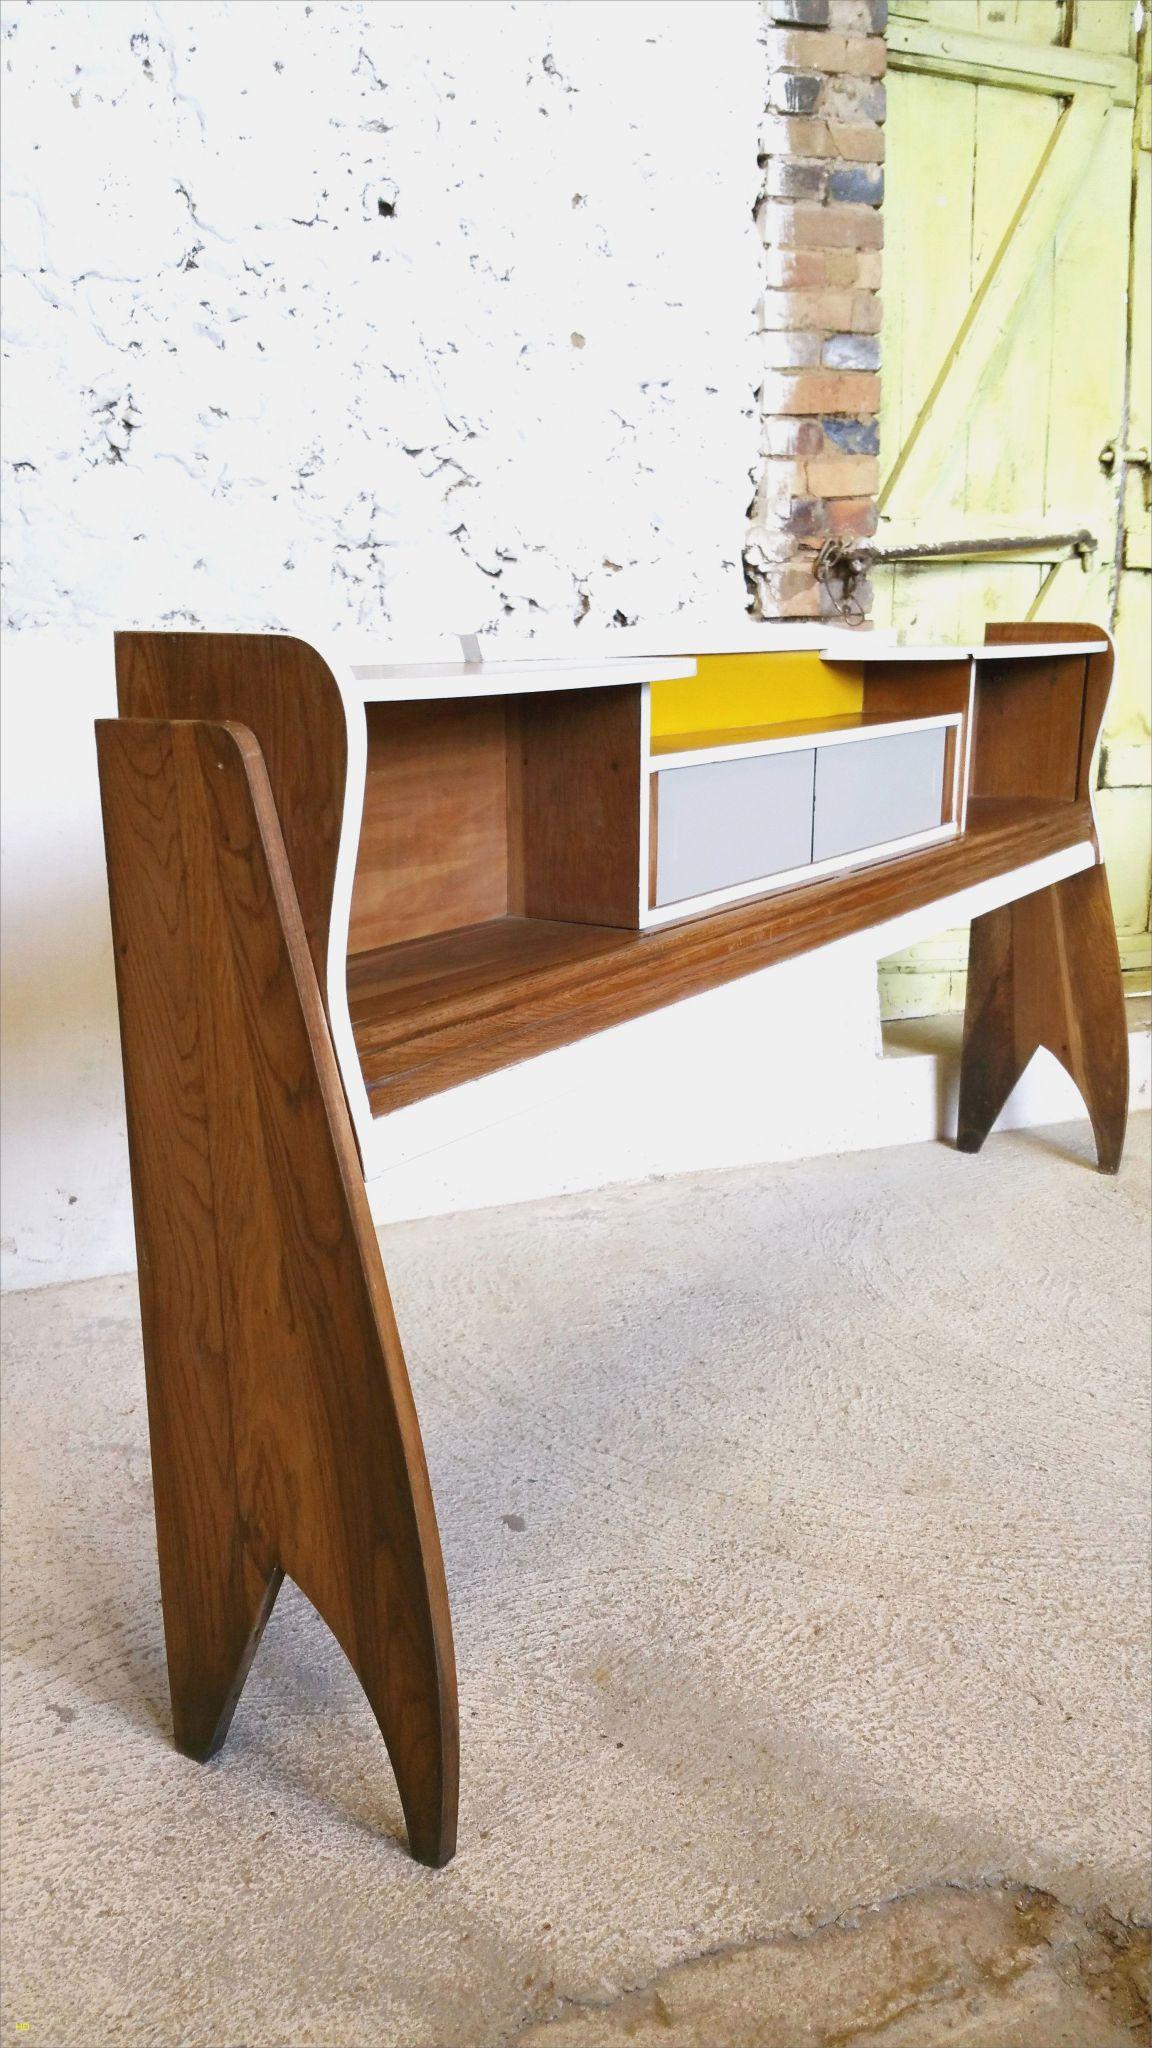 salon jardin teck la redoute ou meuble de jardin fauteuil design salon beau fauteuil de jardin de salon jardin teck la redoute